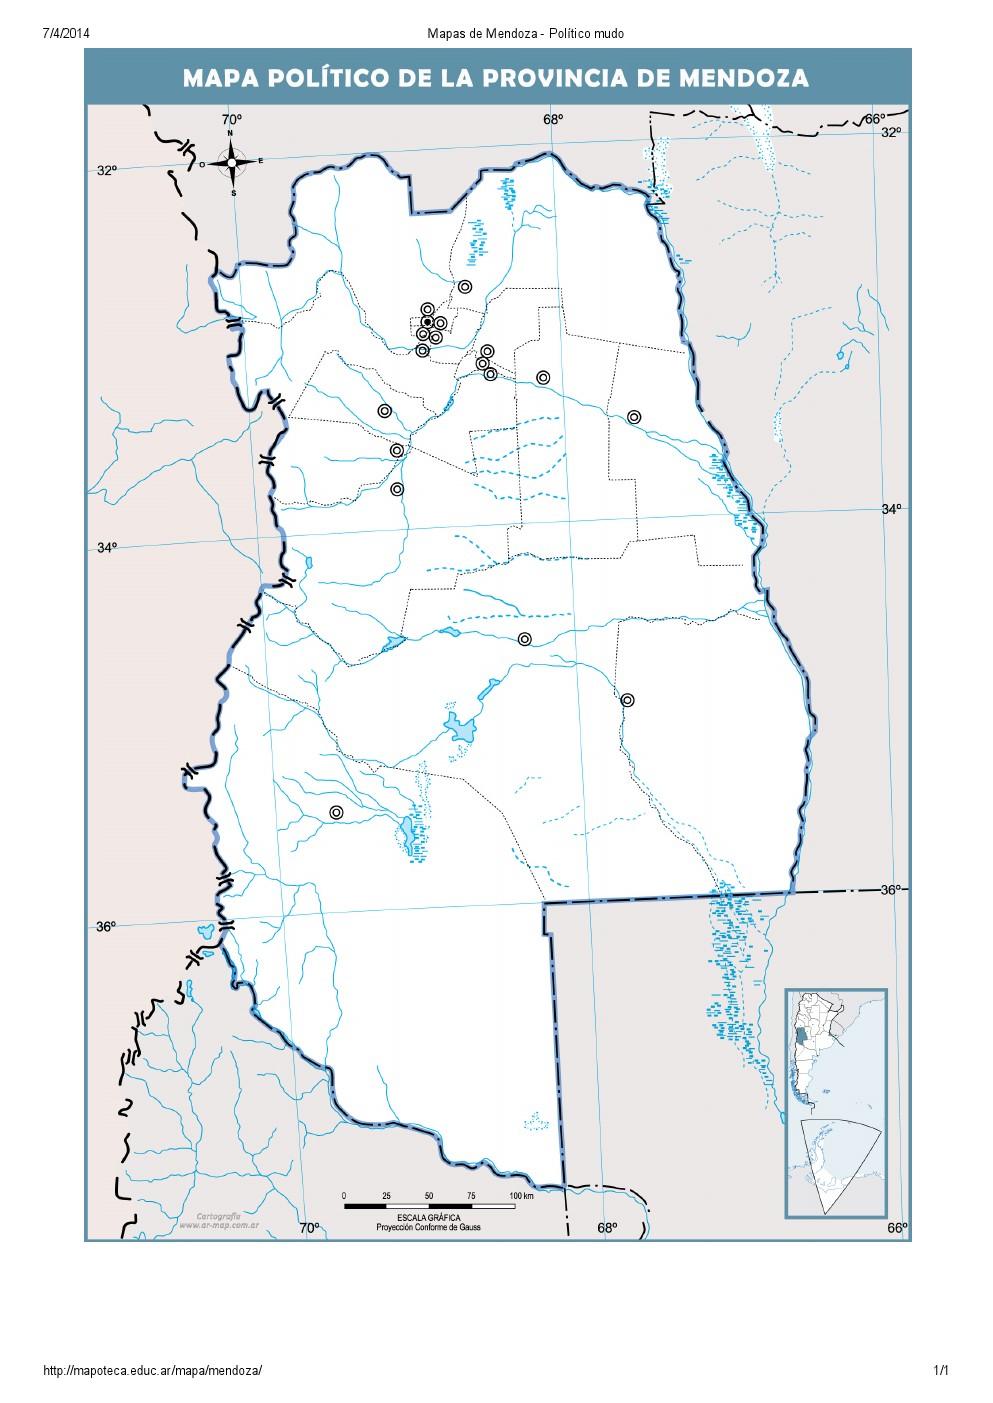 Mapa mudo de capitales de Mendoza. Mapoteca de Educ.ar